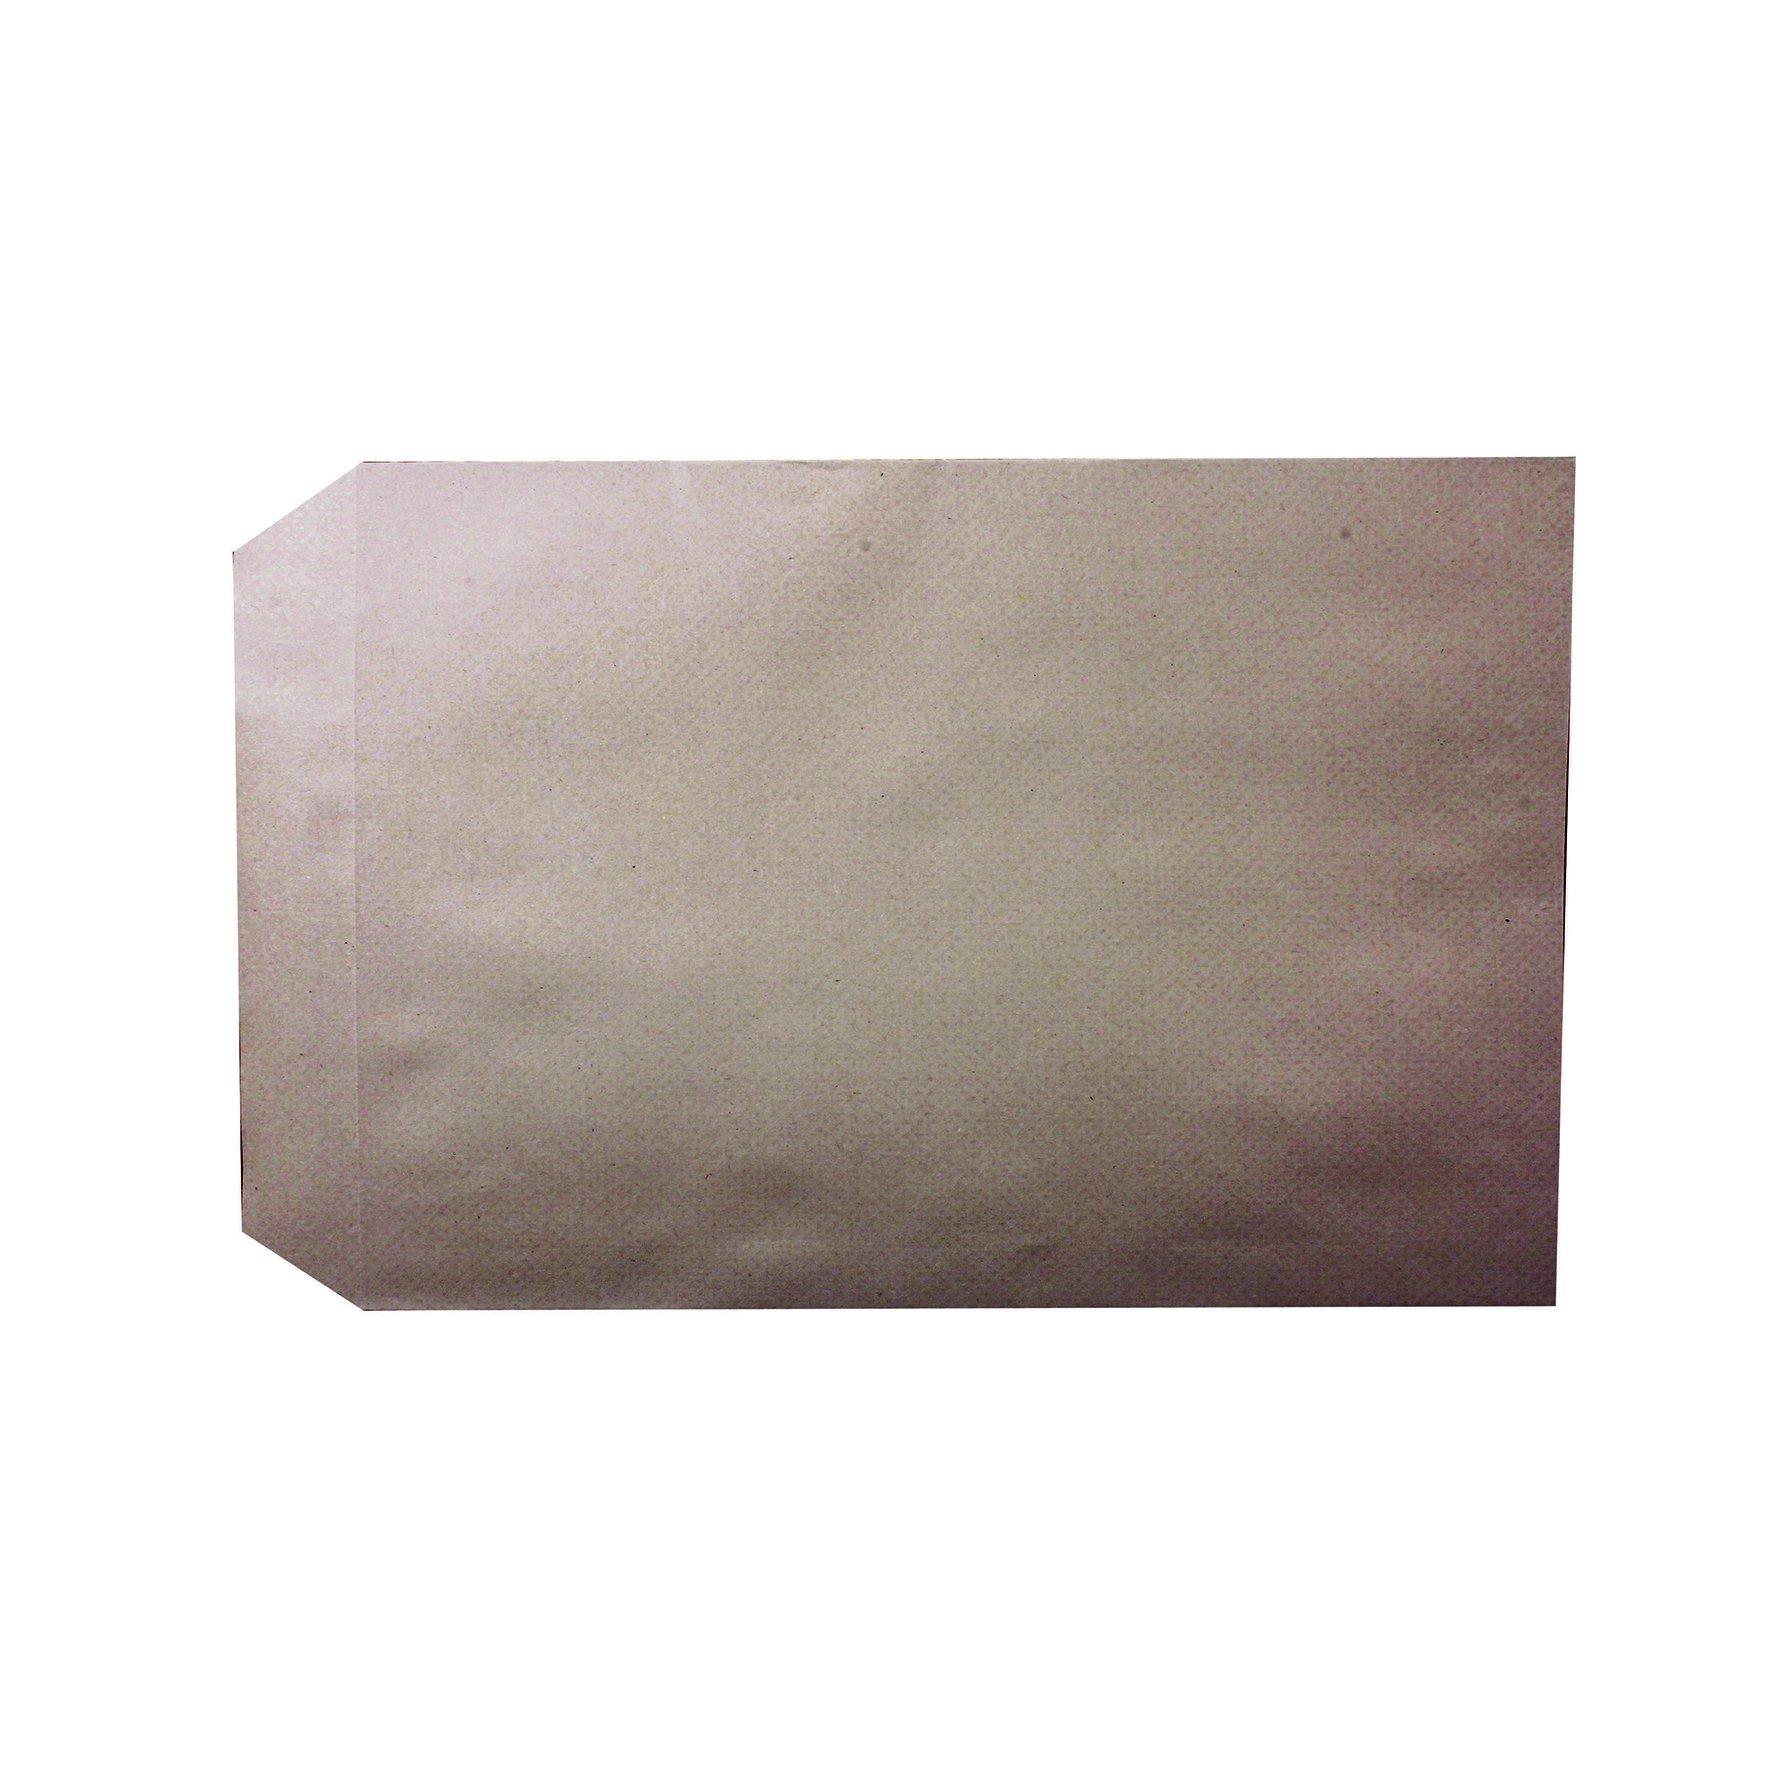 Image for Value Pocket Envelopes Self-Seal C4 Manilla 115gsm (250)